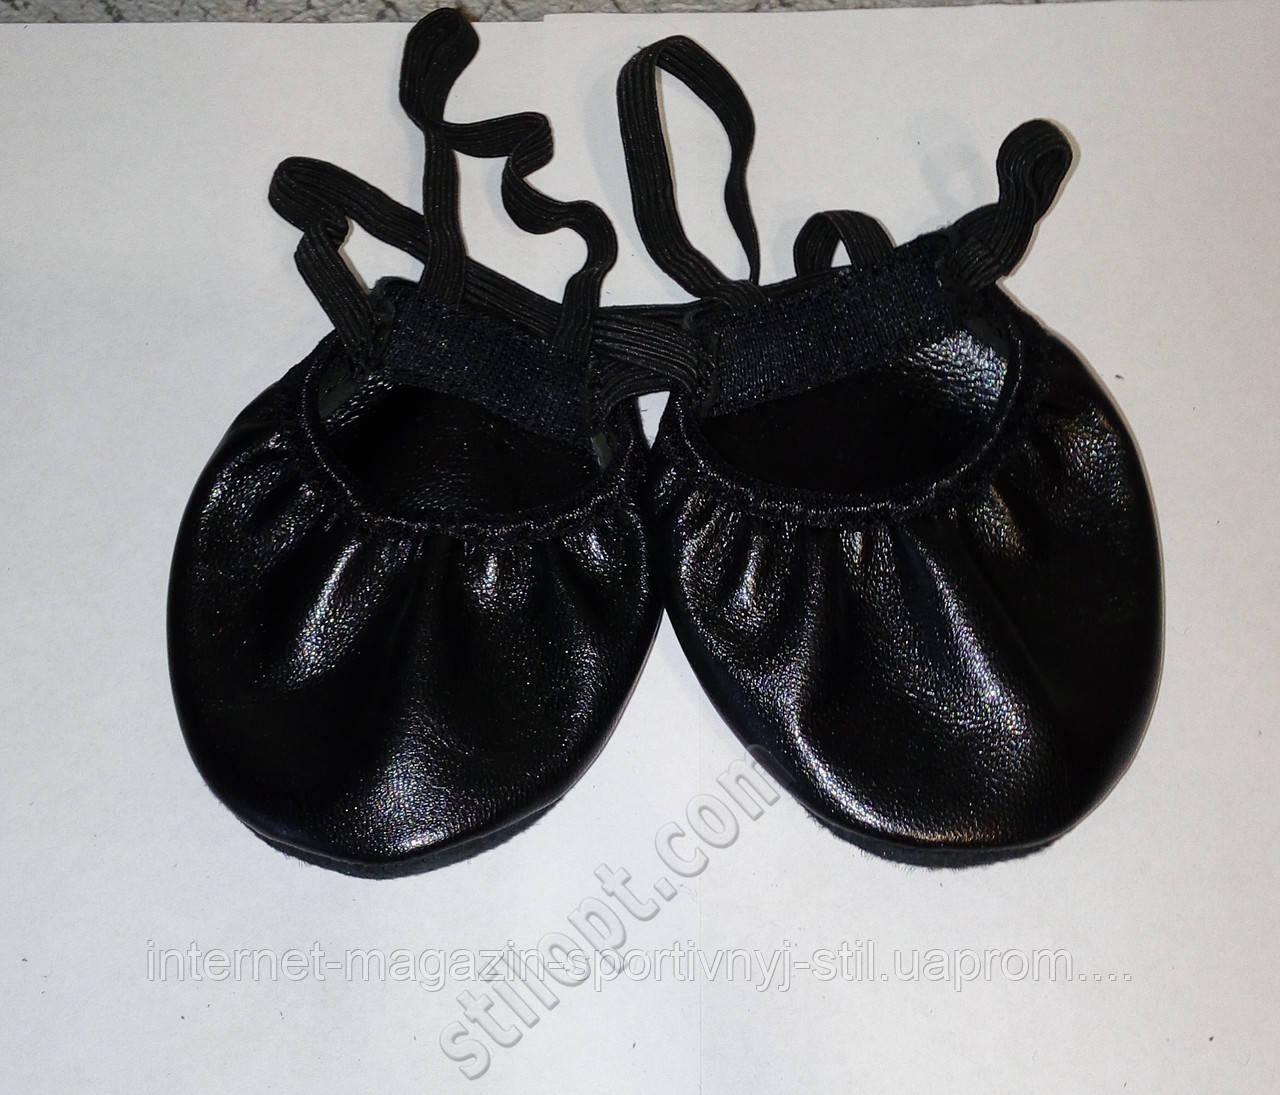 Получешки ( полубалетки) кожаные детские черные разм. 16-21,5 см для танцев и гимнастики